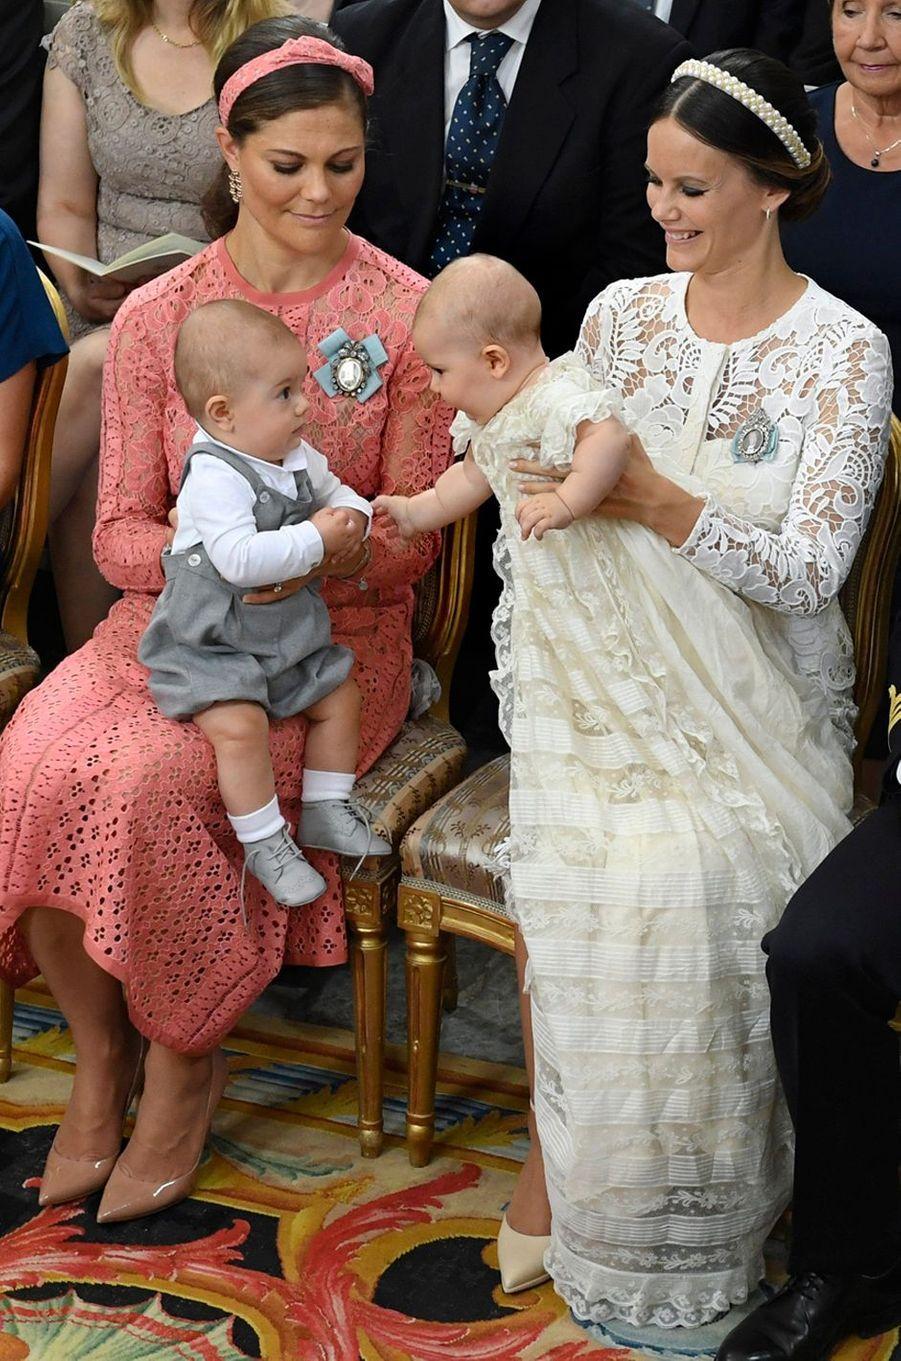 Le quintet des bouts de chou de la Cour de Suède était réuni ce vendredi 9 septembre pour le baptême du petit prince Alexander. Et ils sont vraiment trop craquants.